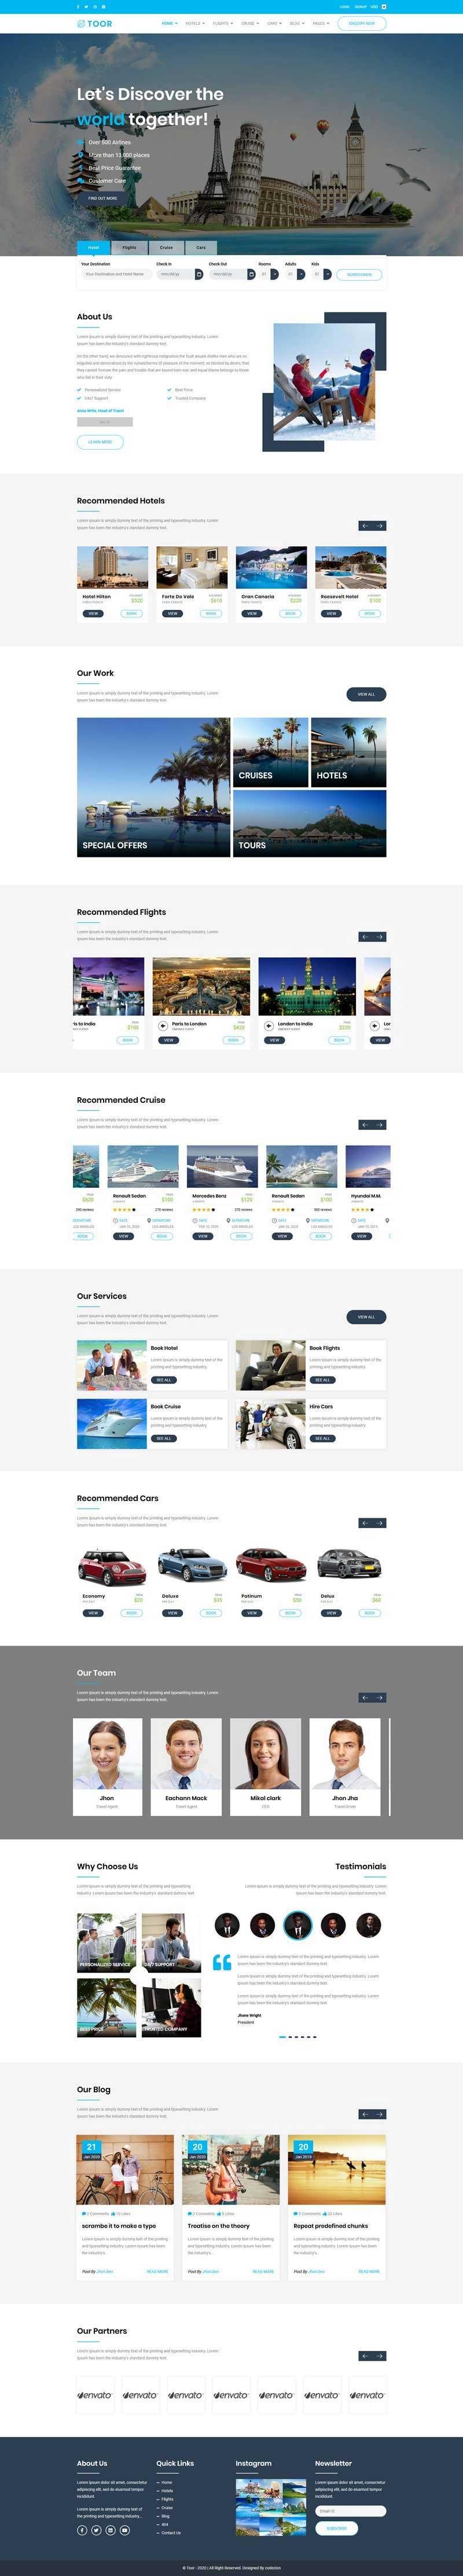 Bootstrap大气蓝色风格一站式旅游服务公司网站模板